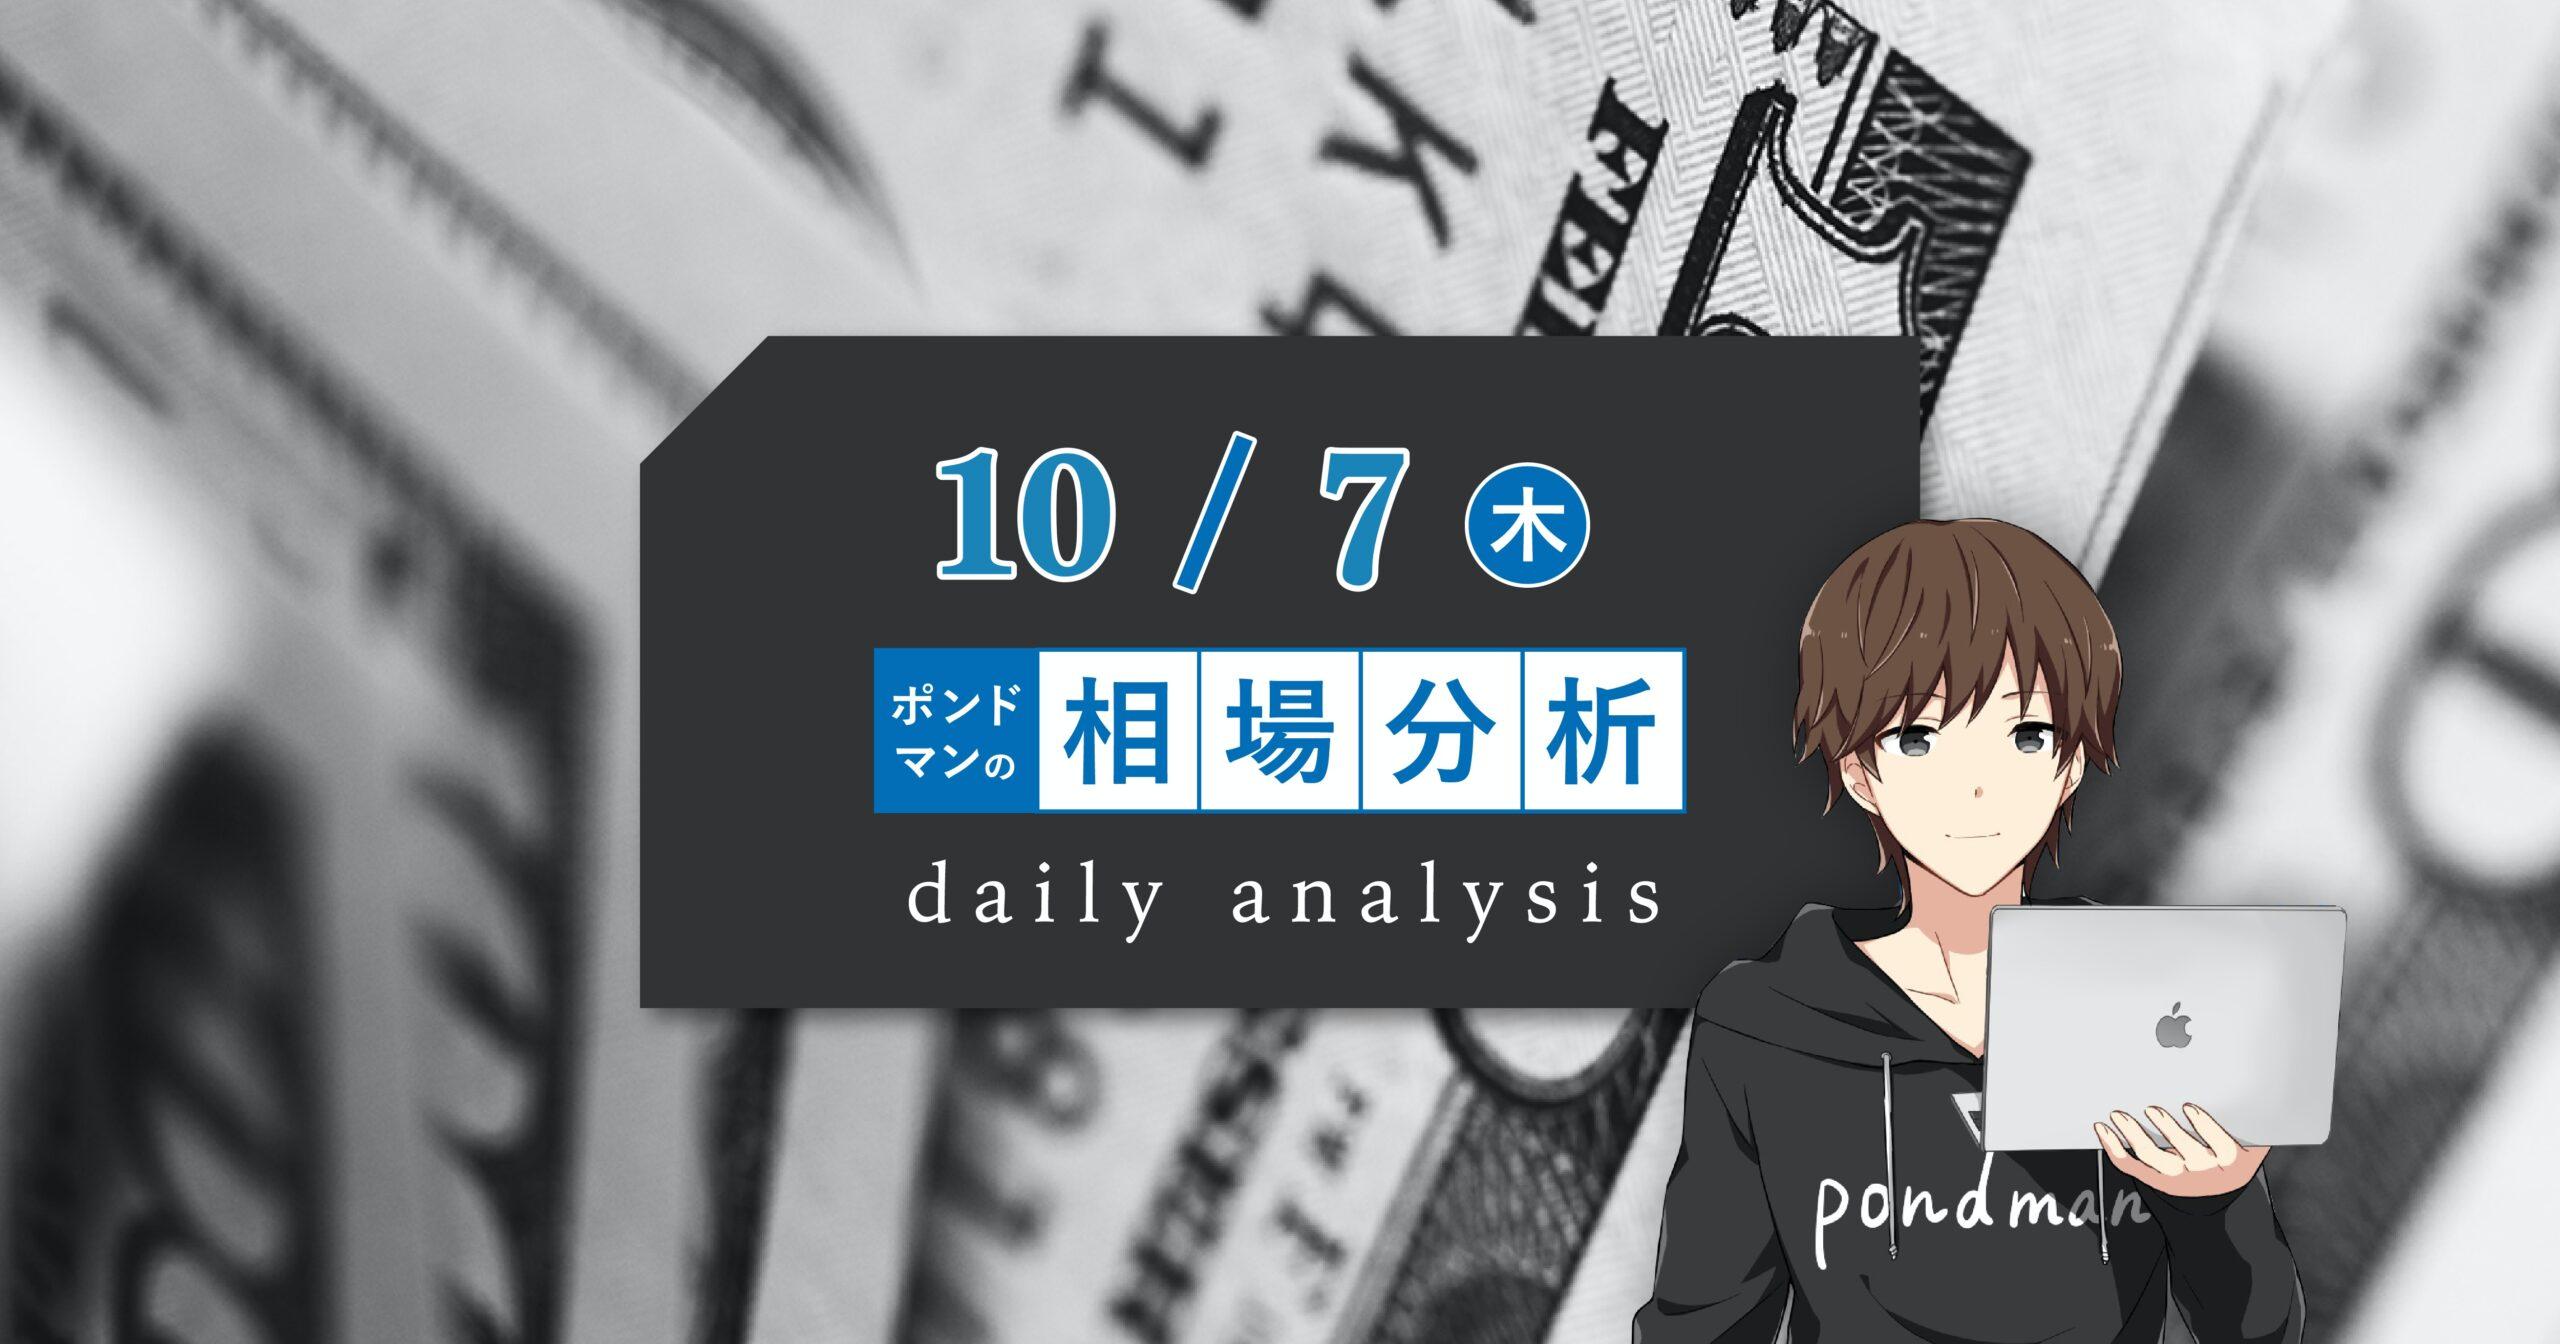 【10月7日】各国の要人発言を確認して、雇用統計に備えよう!